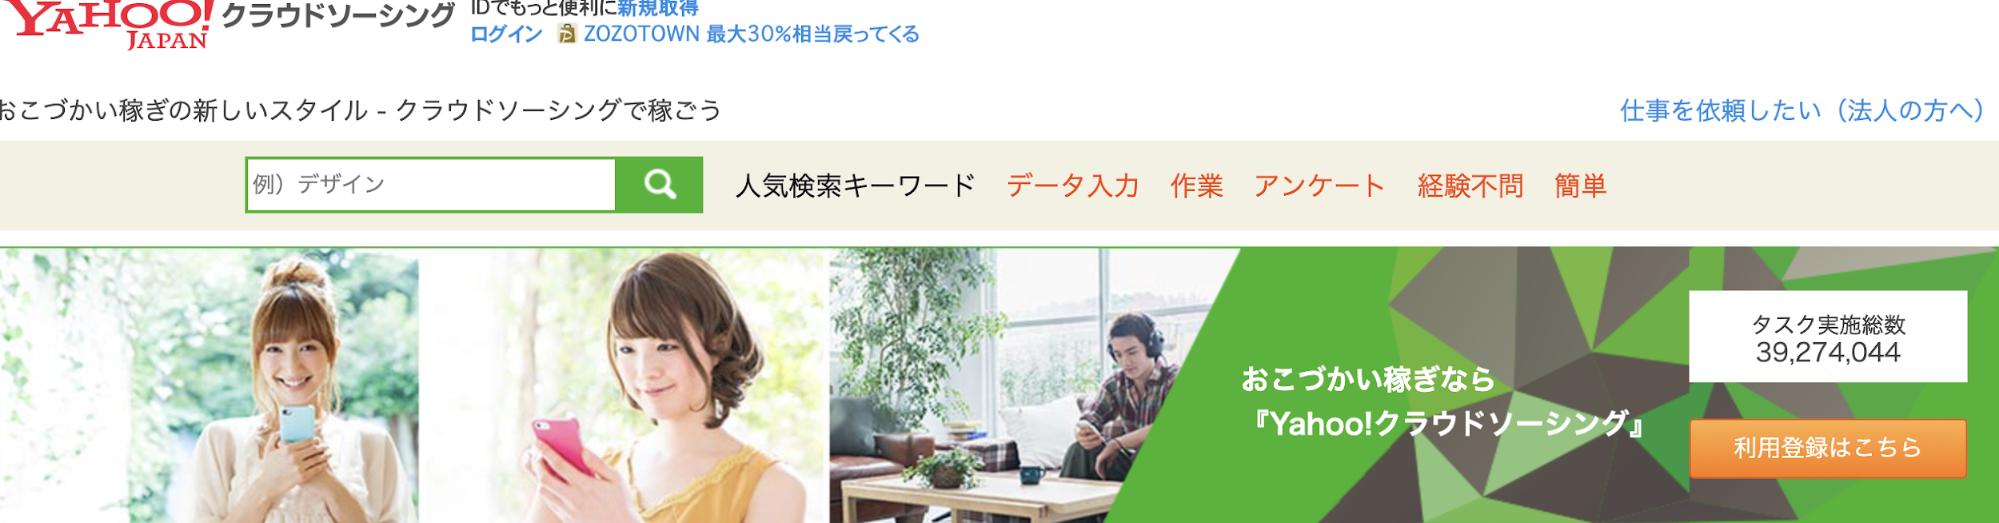 Yahoo!クラウドソーシング